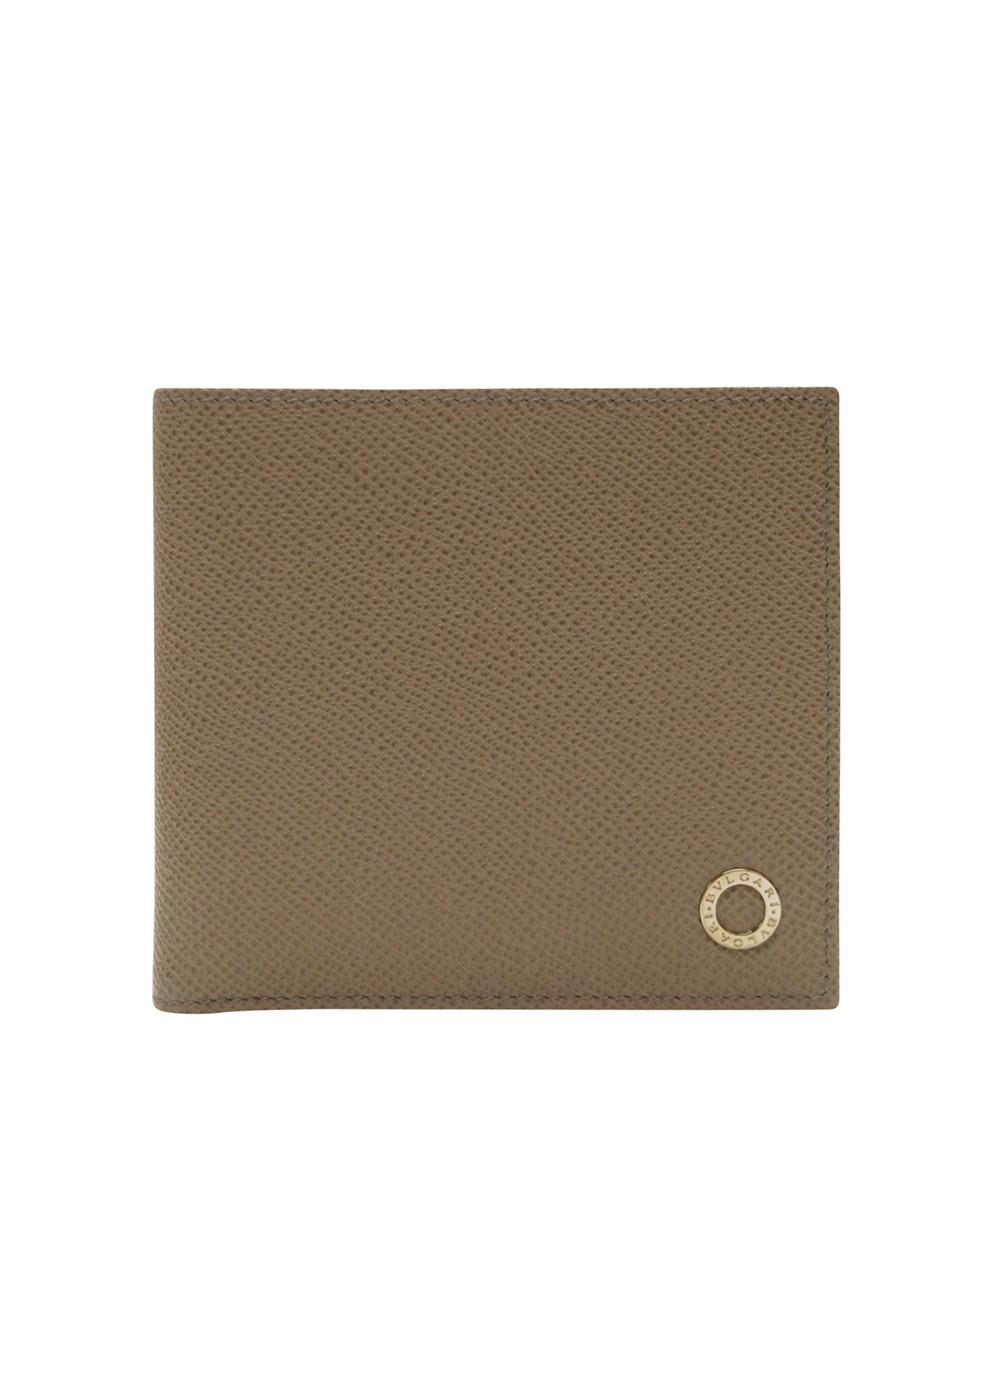 quality design a9554 4ff19 ブルガリ BVLGARI 財布 二つ折り メンズ ストーングレー レザー ...